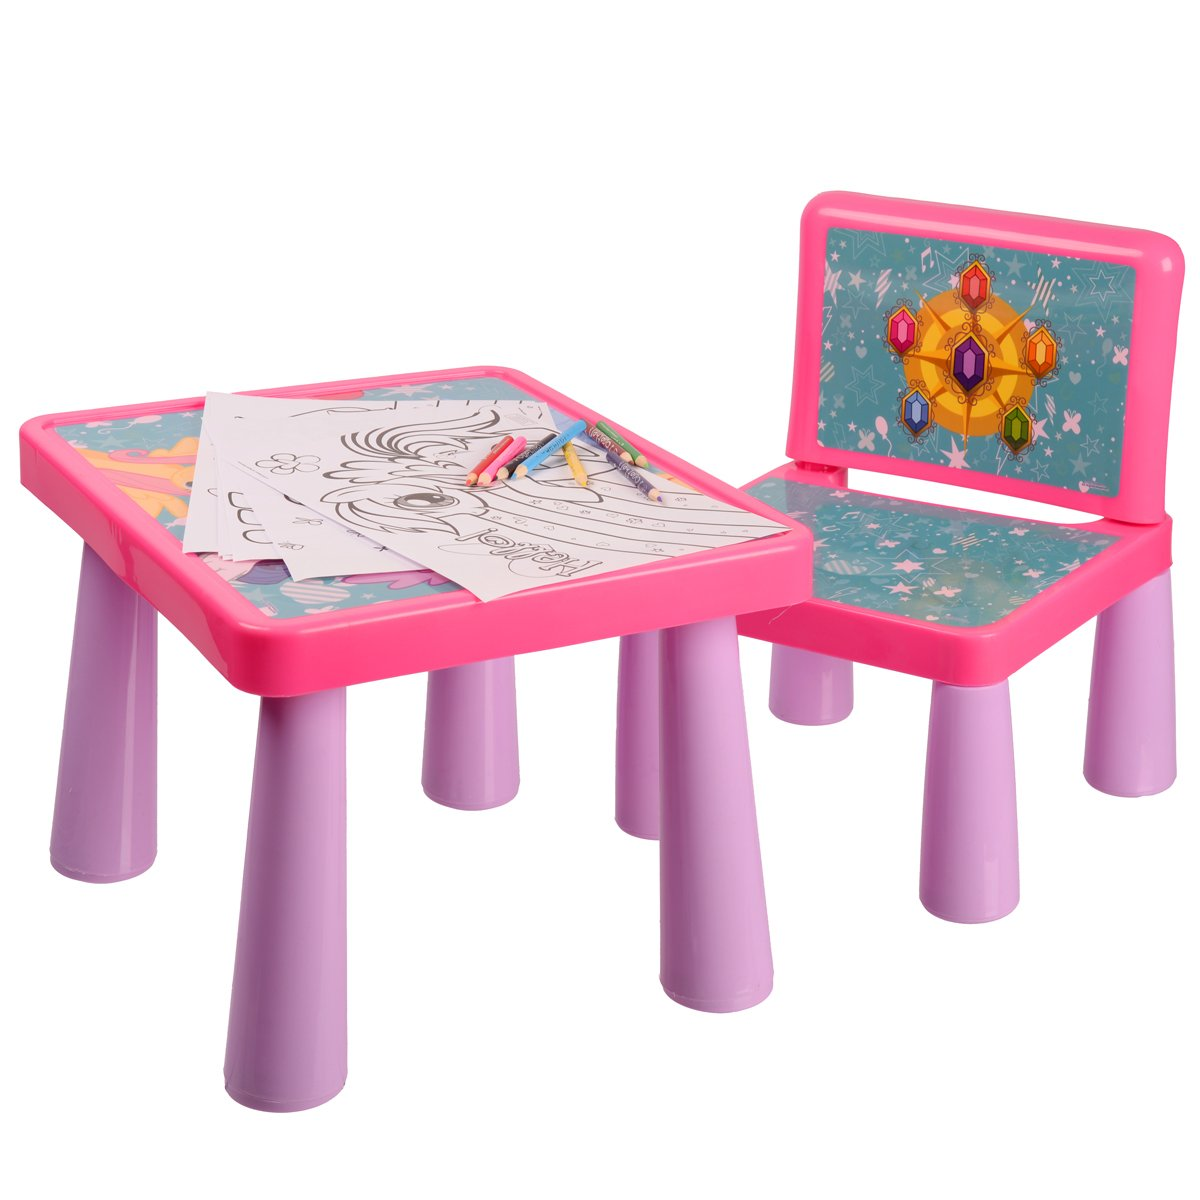 tavolo da disegno con rotolo carta e cassetto in legno per la ... - Tavolo Da Disegno Per Bambini